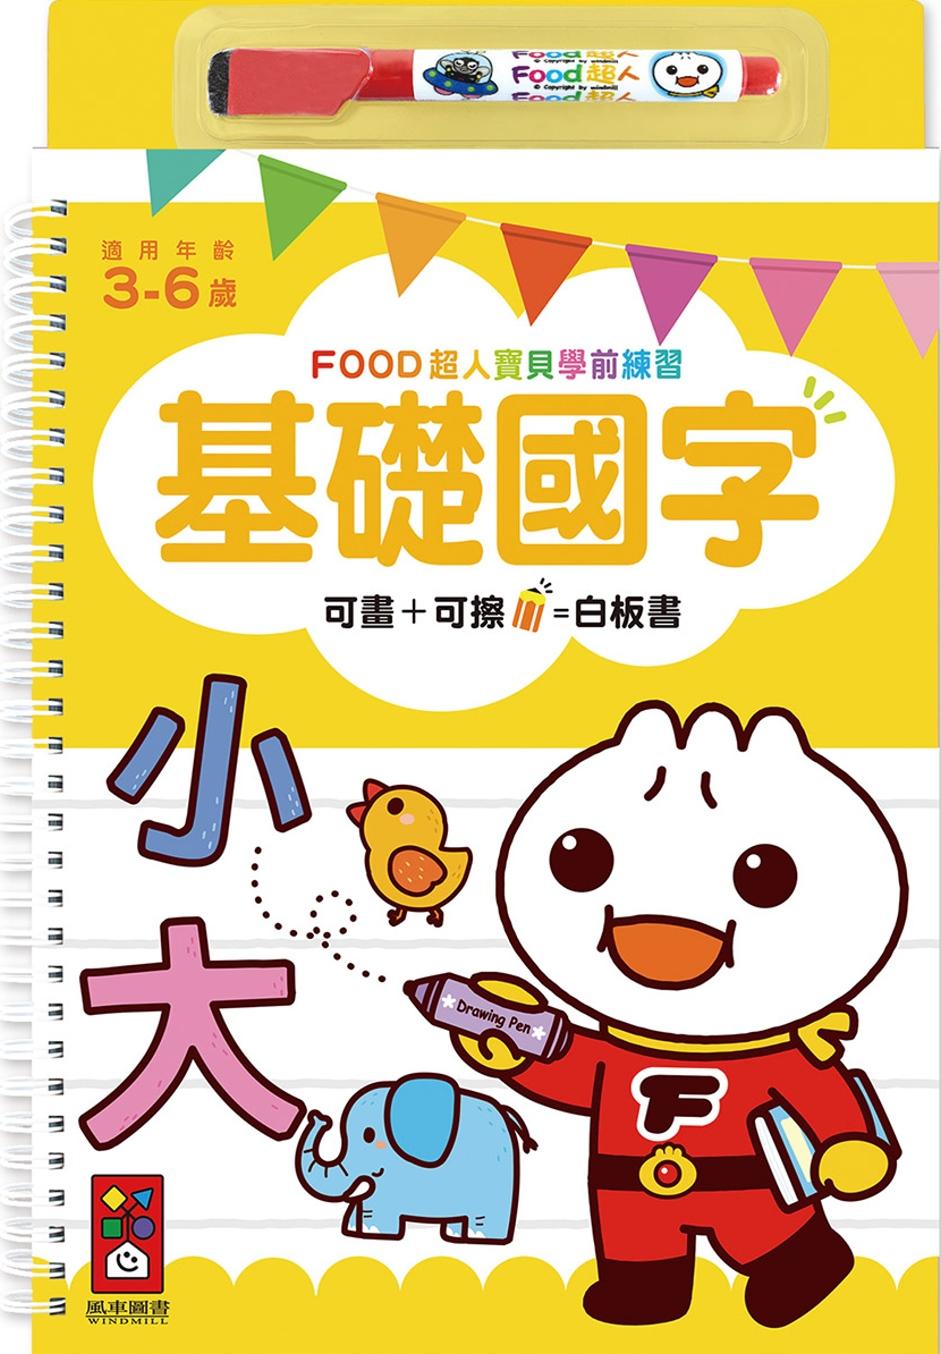 基礎國字:FOOD超人寶貝學前練習